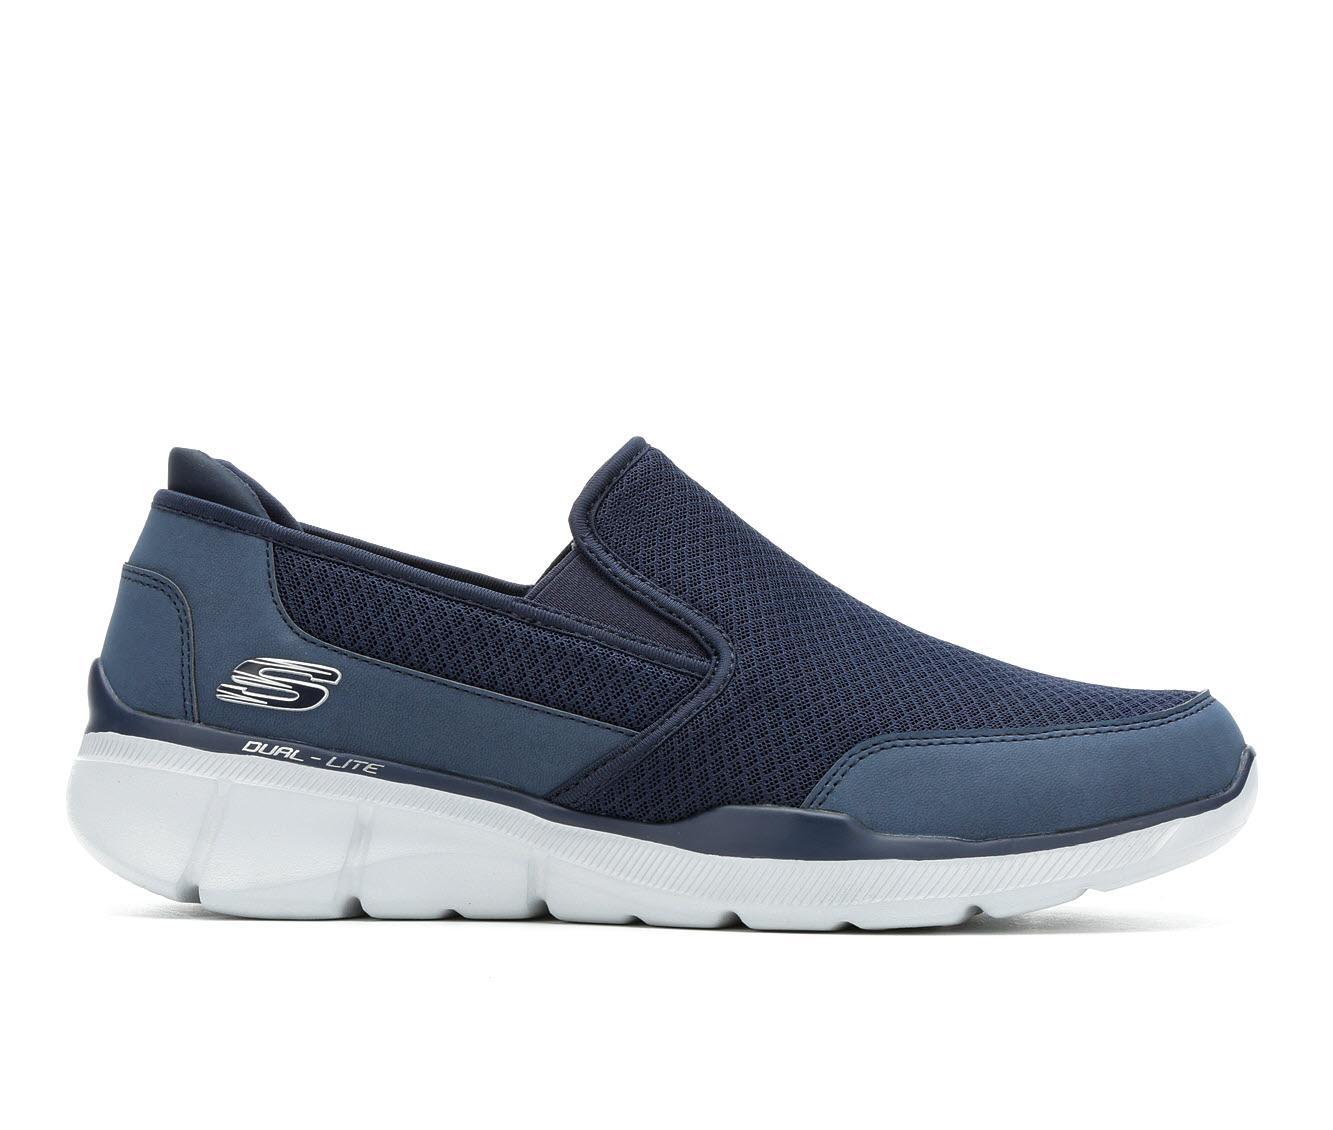 Skechers Bluegate 52984 Shoe for Men - Lyst